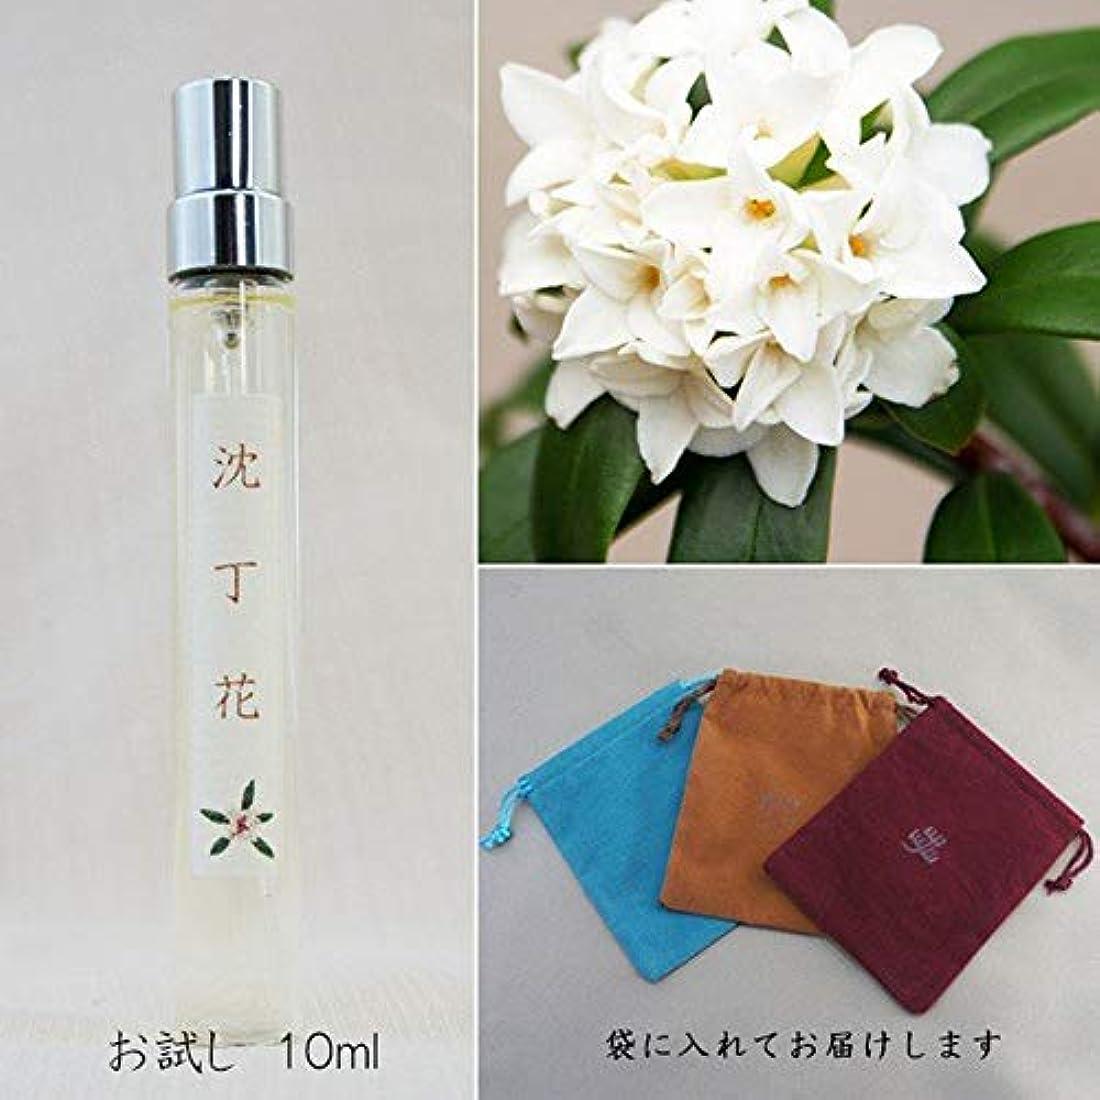 ヒール召集する区別和香水「三大香木シリーズ」10ml (沈丁花)